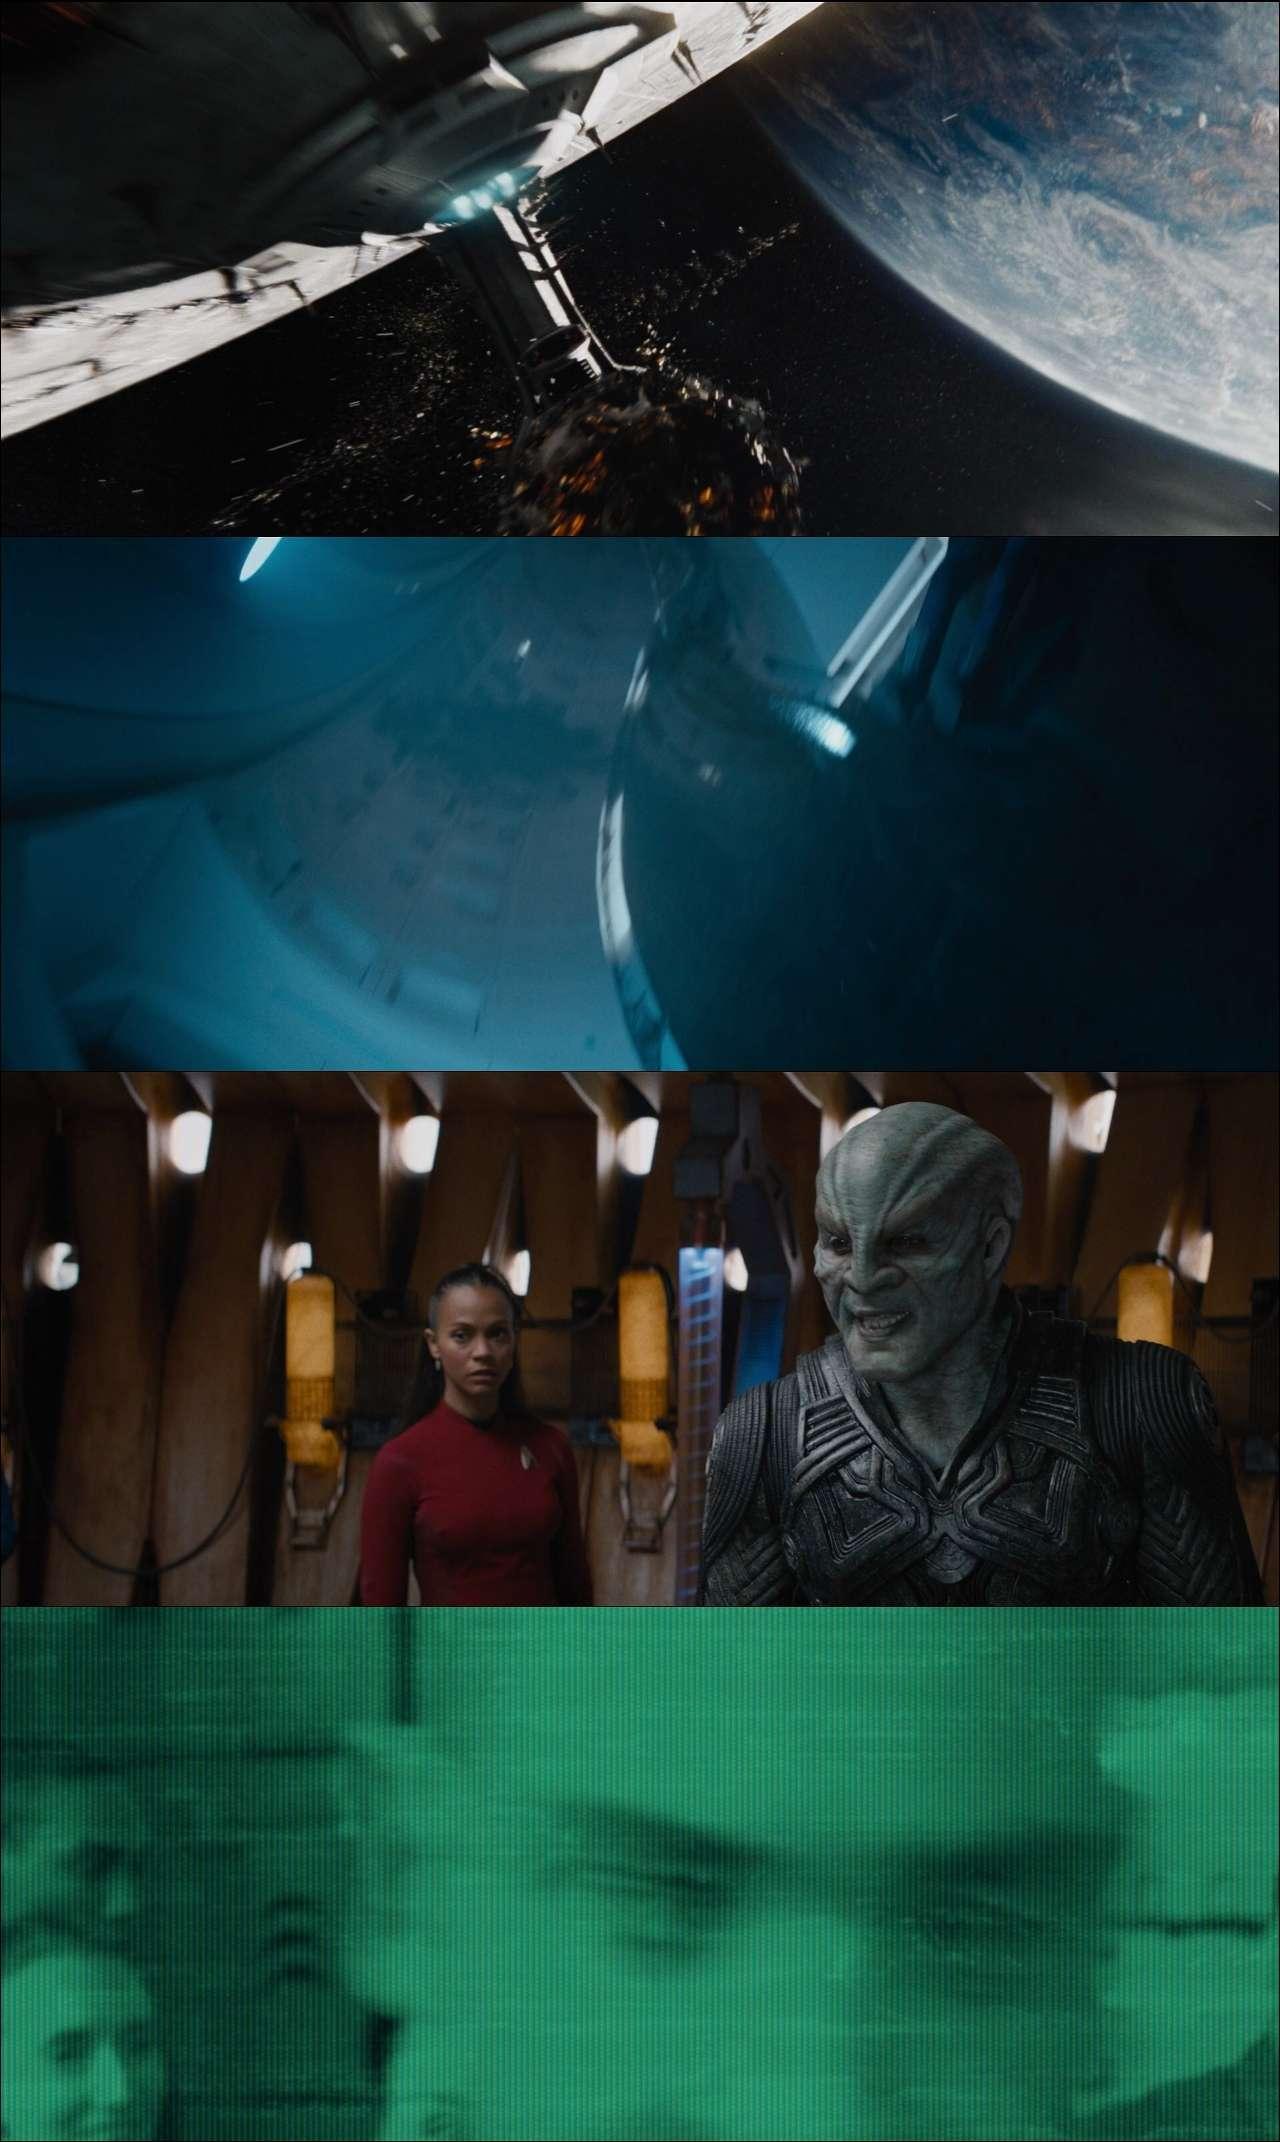 Star Trek Sonsuzluk - Star Trek Beyond (2016) türkçe dublaj film indir